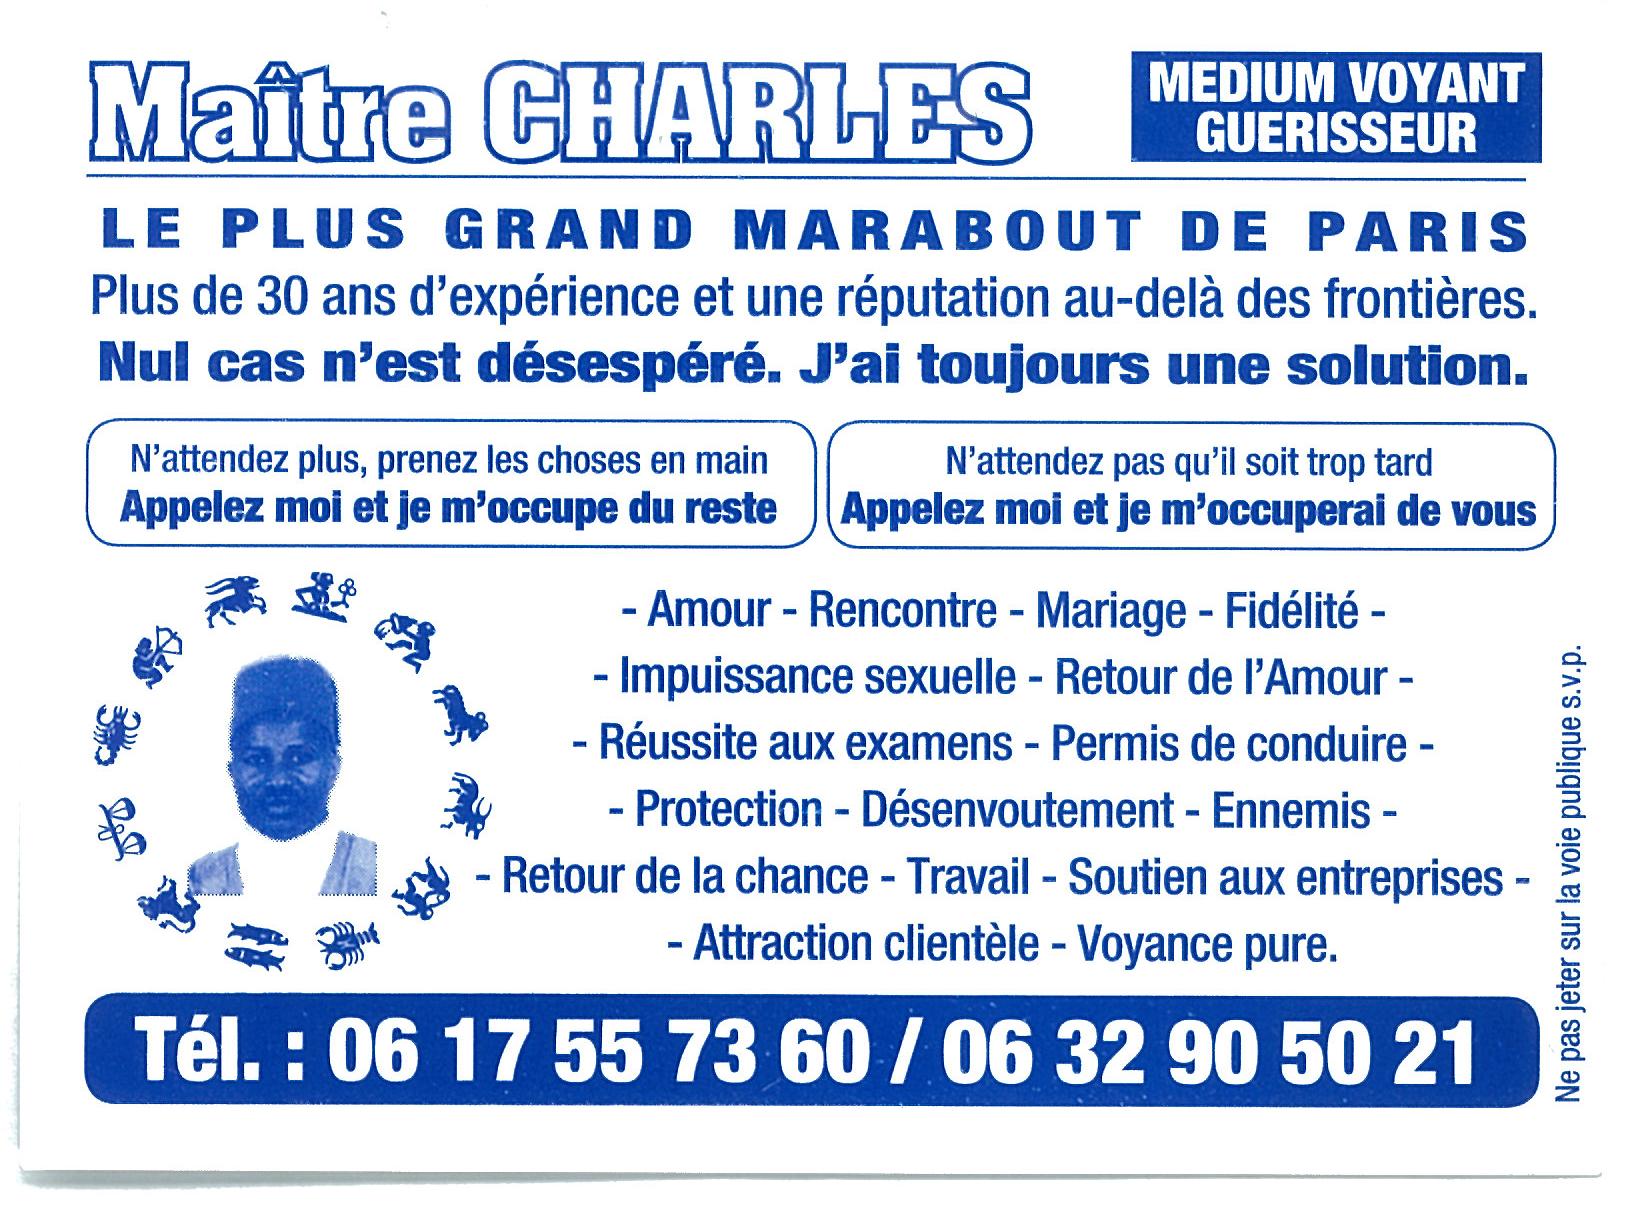 Maitre Charles Blue